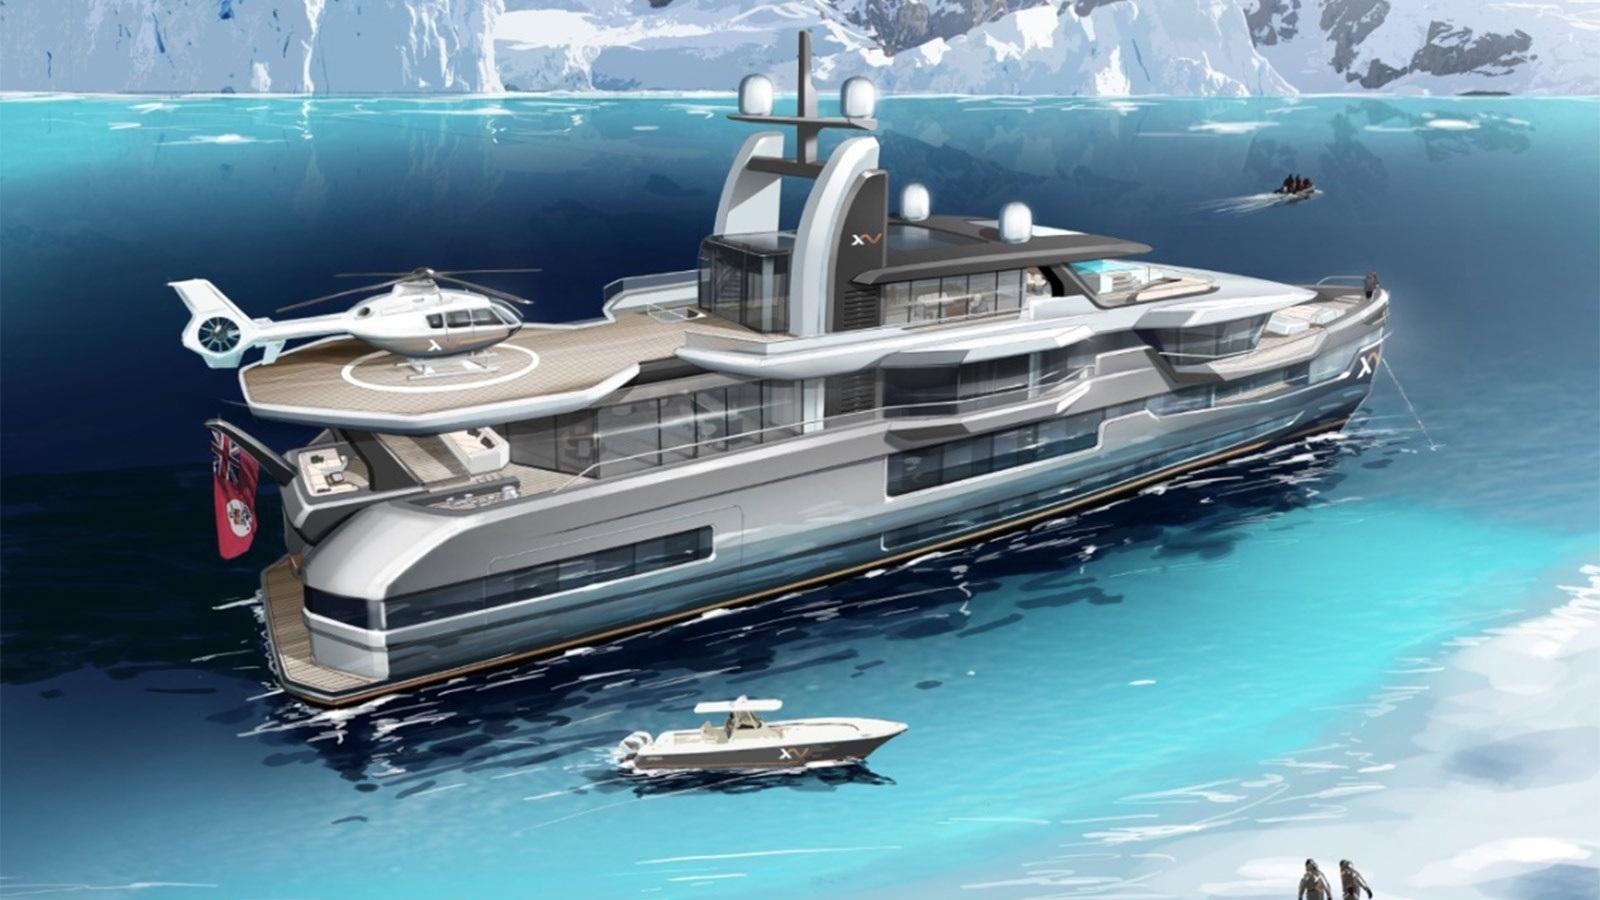 AxqatCFRnym2ctl2Z0yy_X-Venture-Heesen-explorer-superyacht-2240x1260.jpg